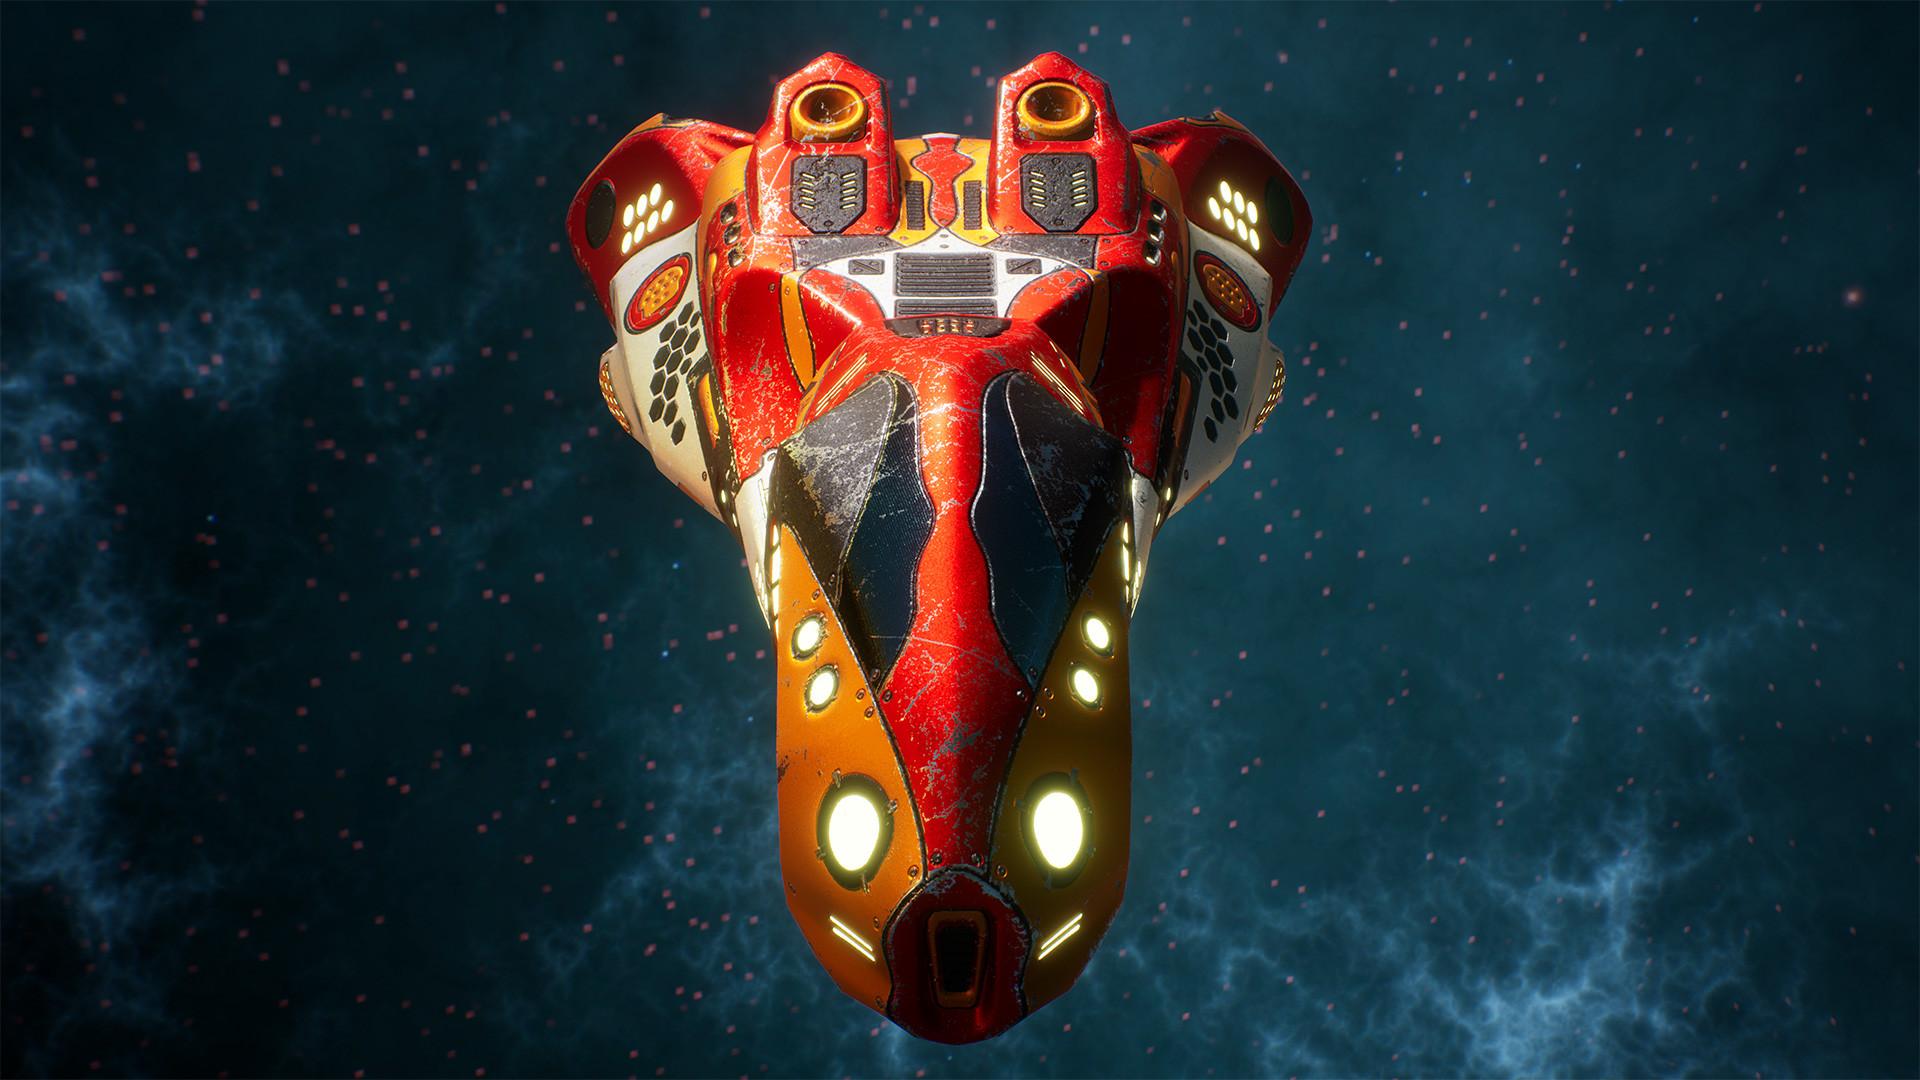 Andrew krivulya spaceship render 07